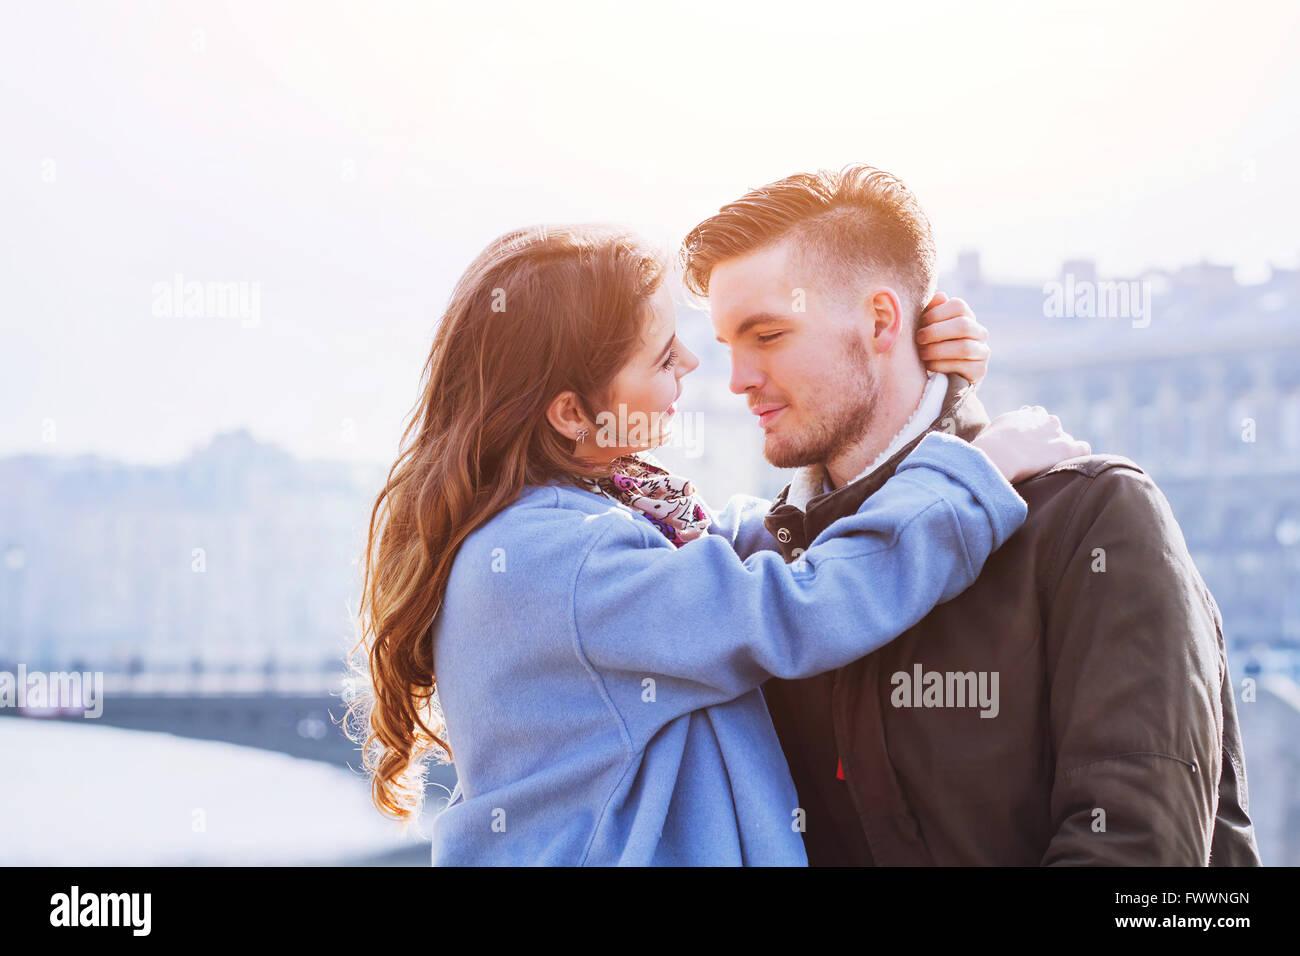 Affettuosa giovane, Ritratto di giovane uomo felice e Donna amore in città Immagini Stock